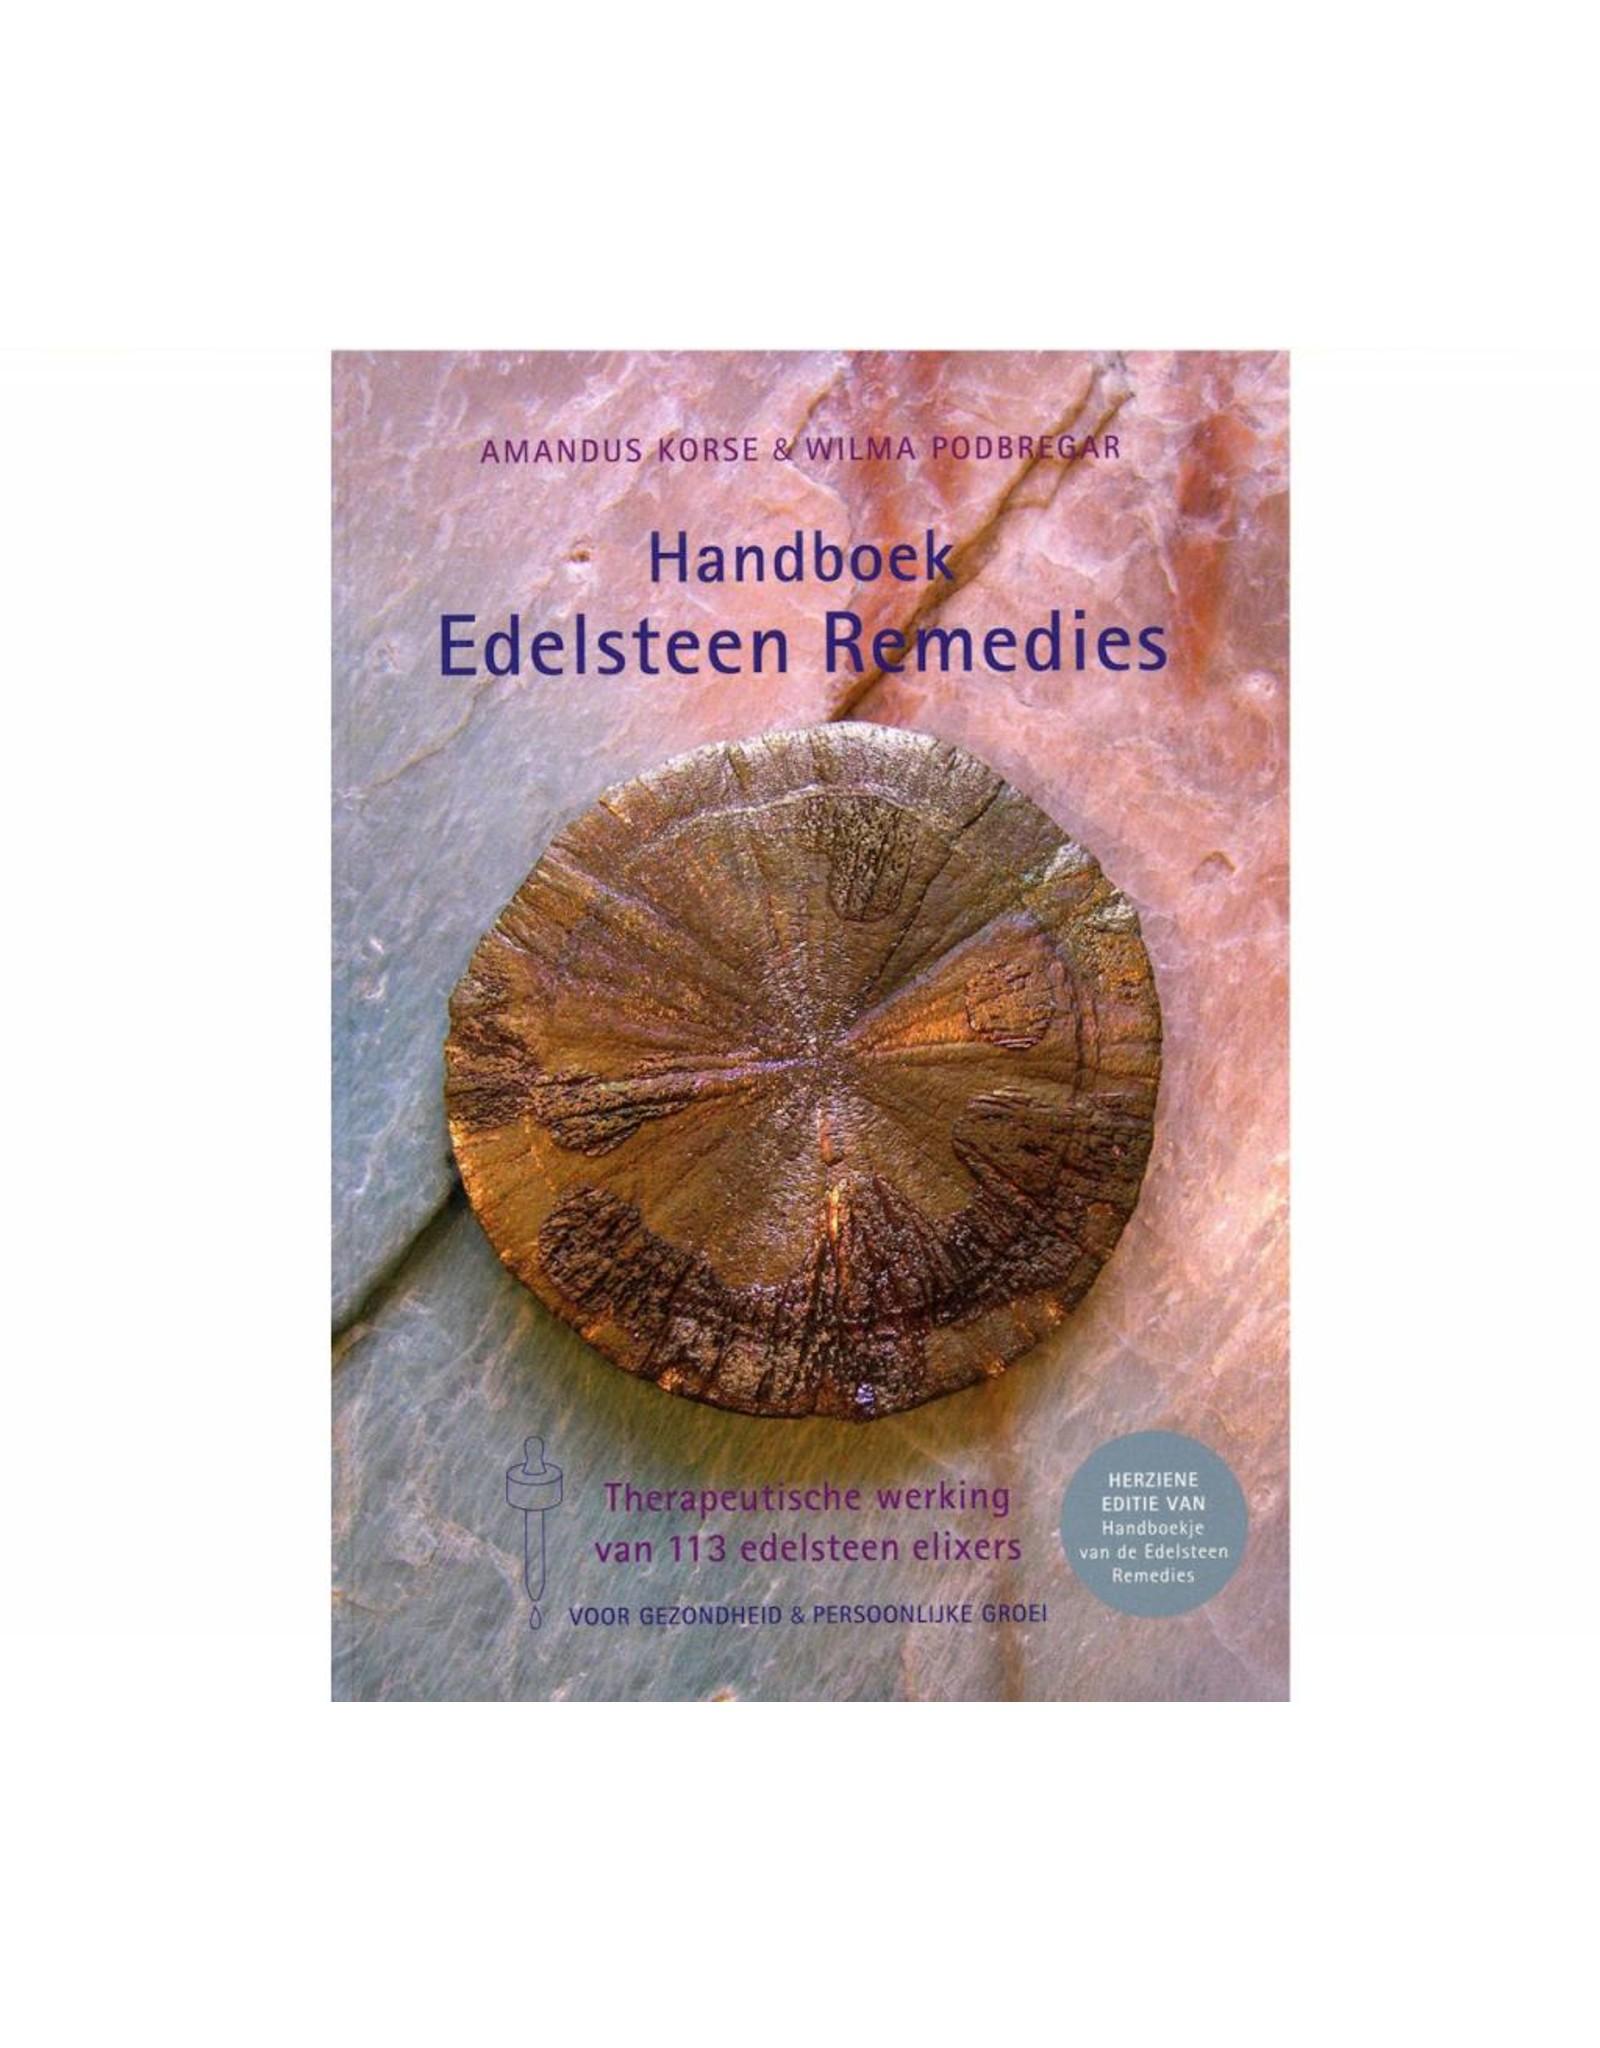 Edelsteen remedies handboek